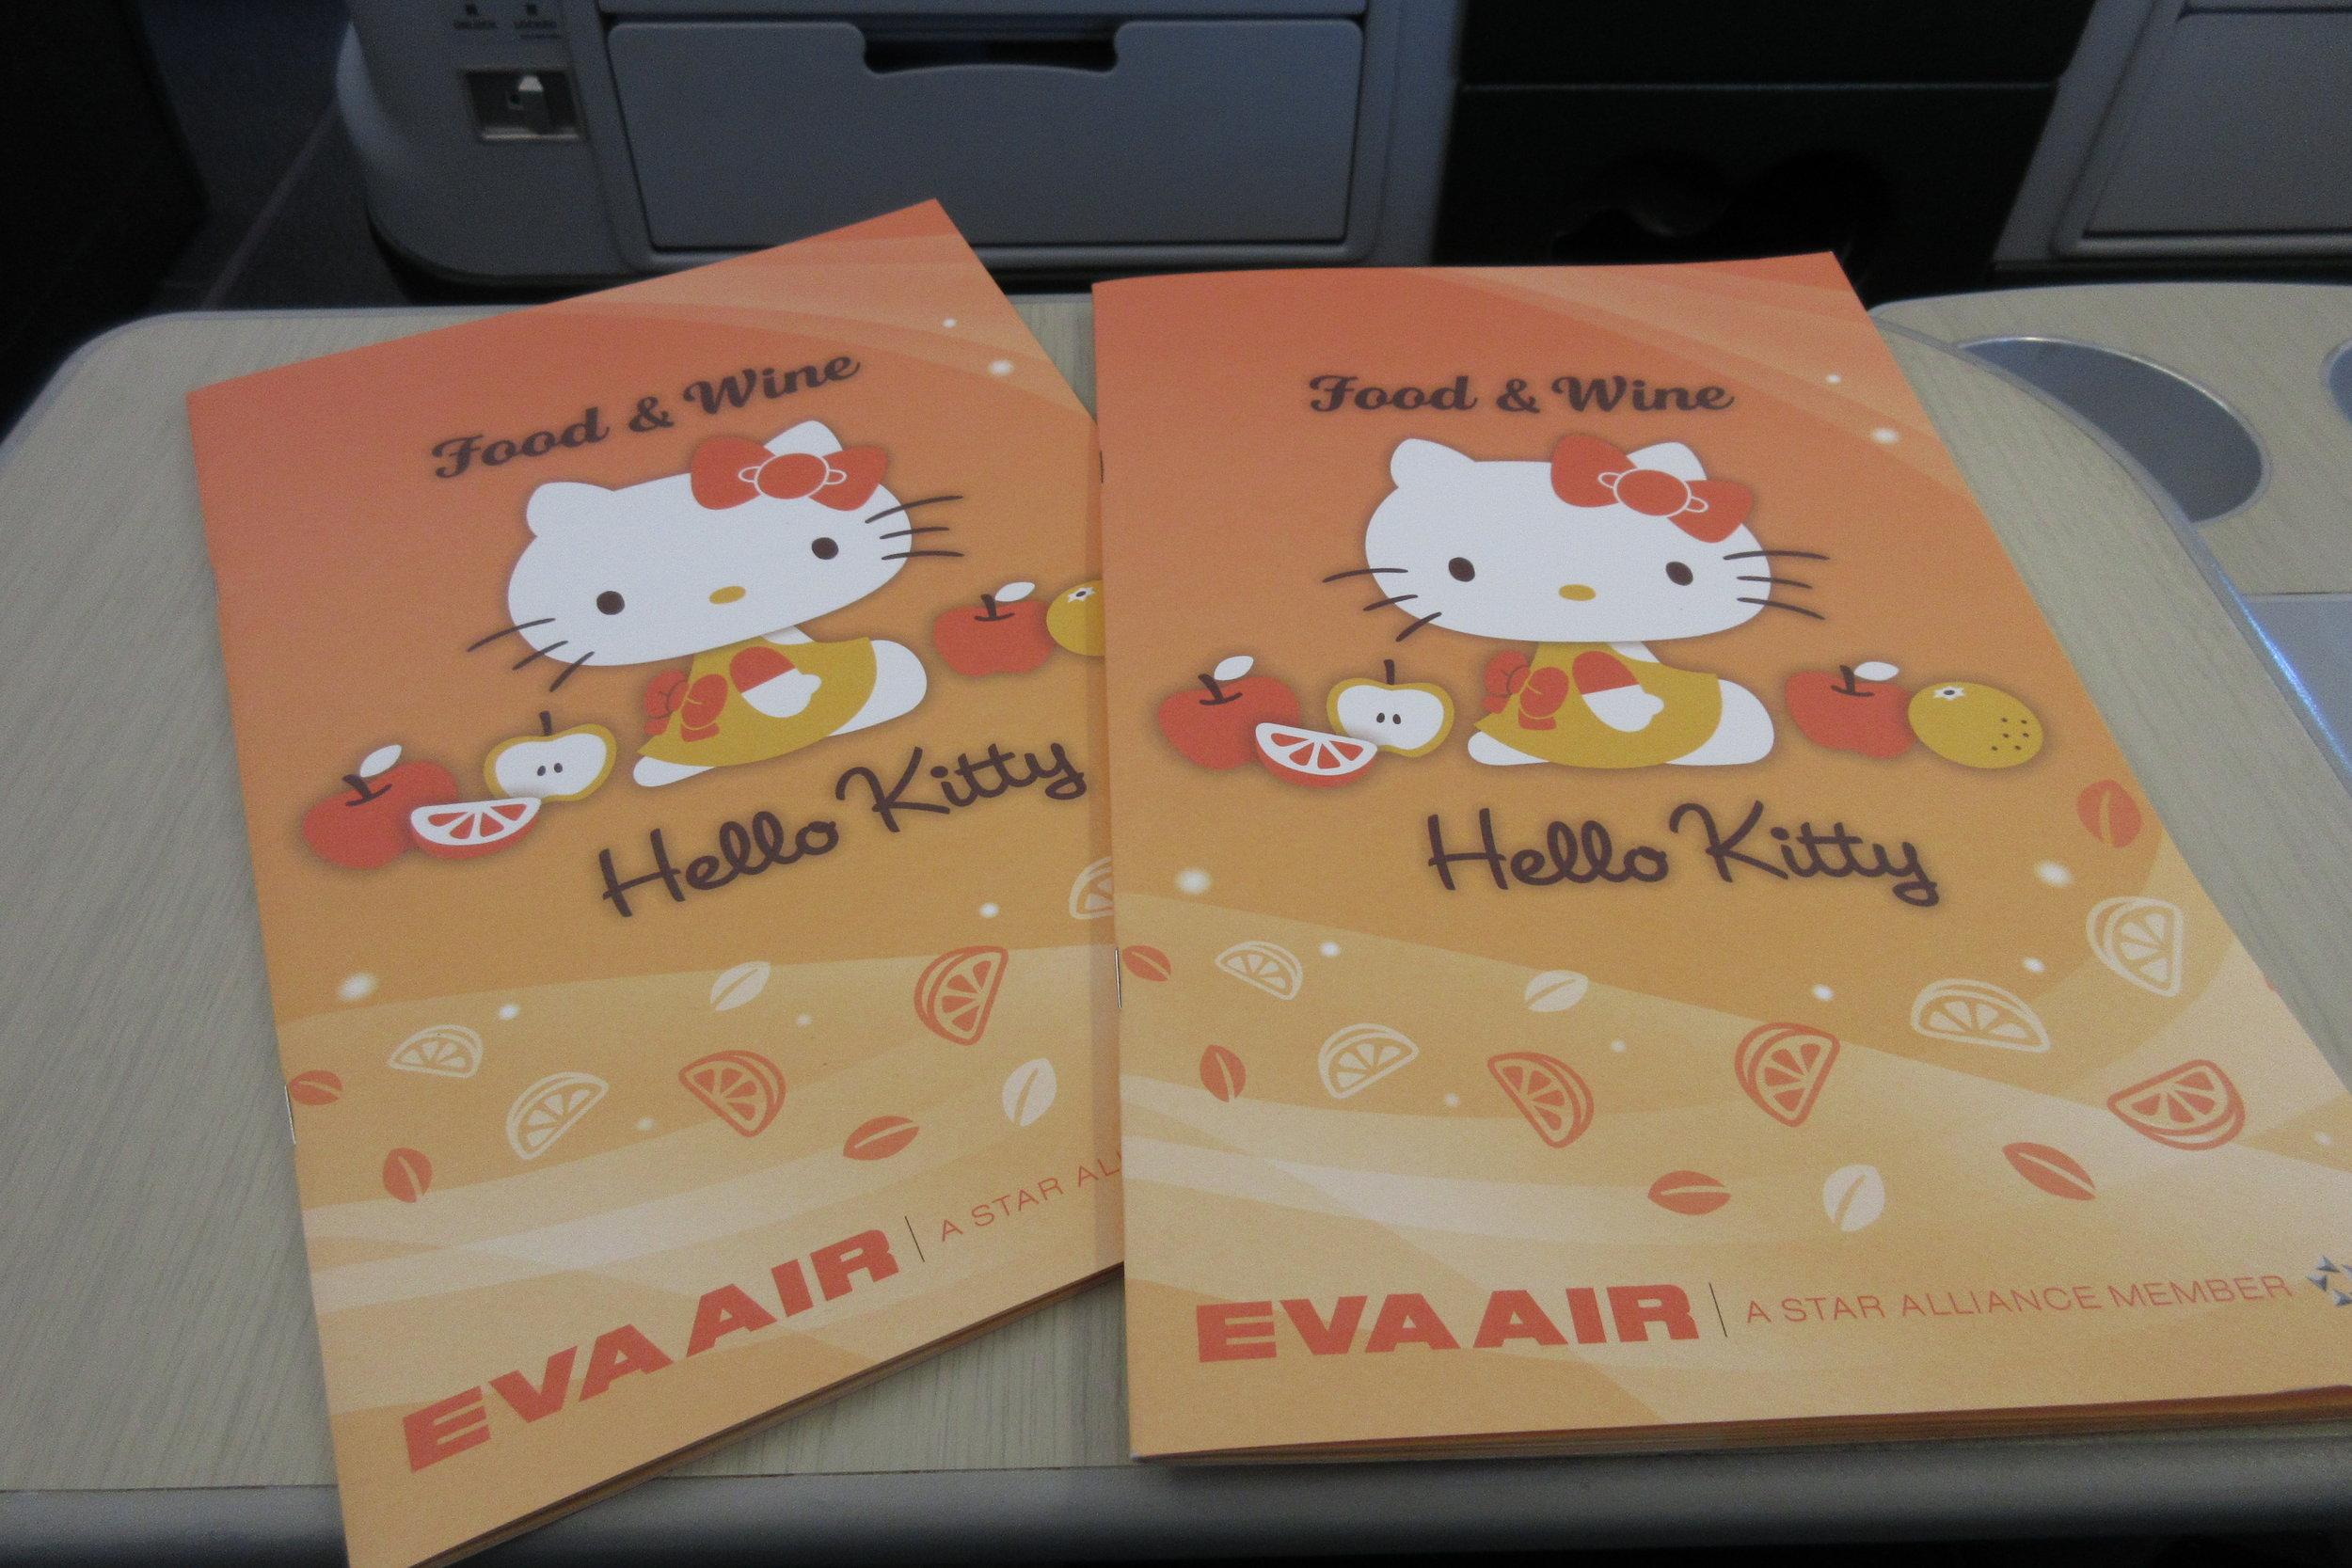 EVA Air regional business class – Menu